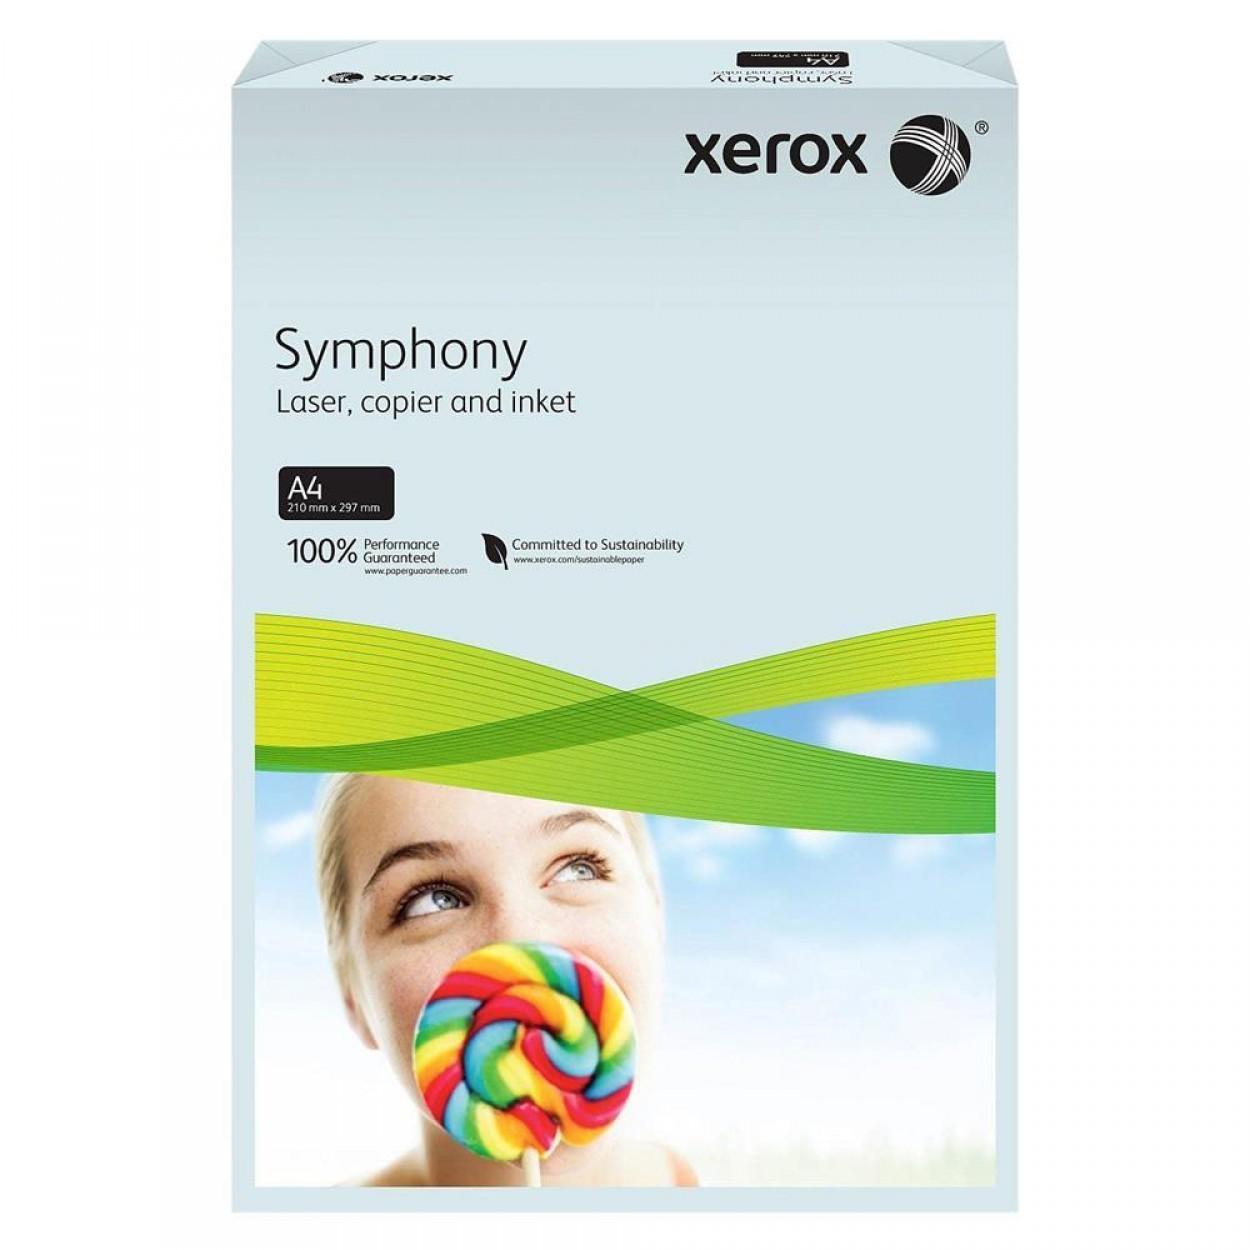 Xerox Symphony Renkli A4 Fotokopi Kağıdı 80 gr 500'lü Açık Mavi